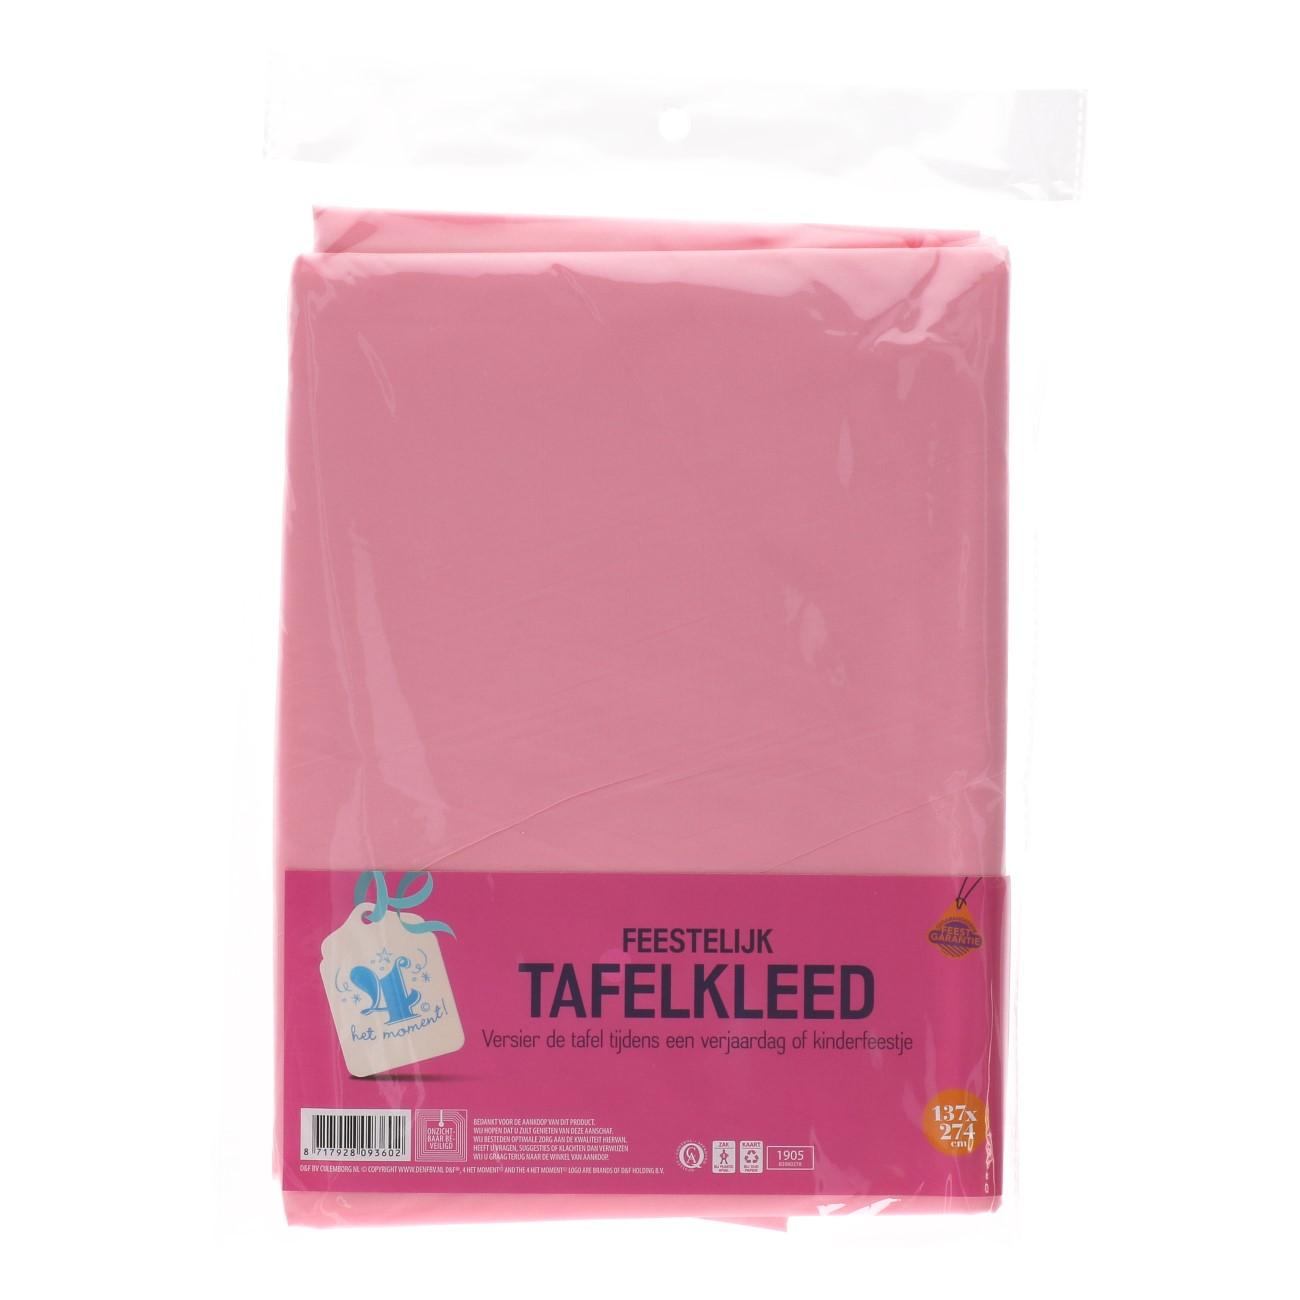 Tafelkleed roze 137x274cm